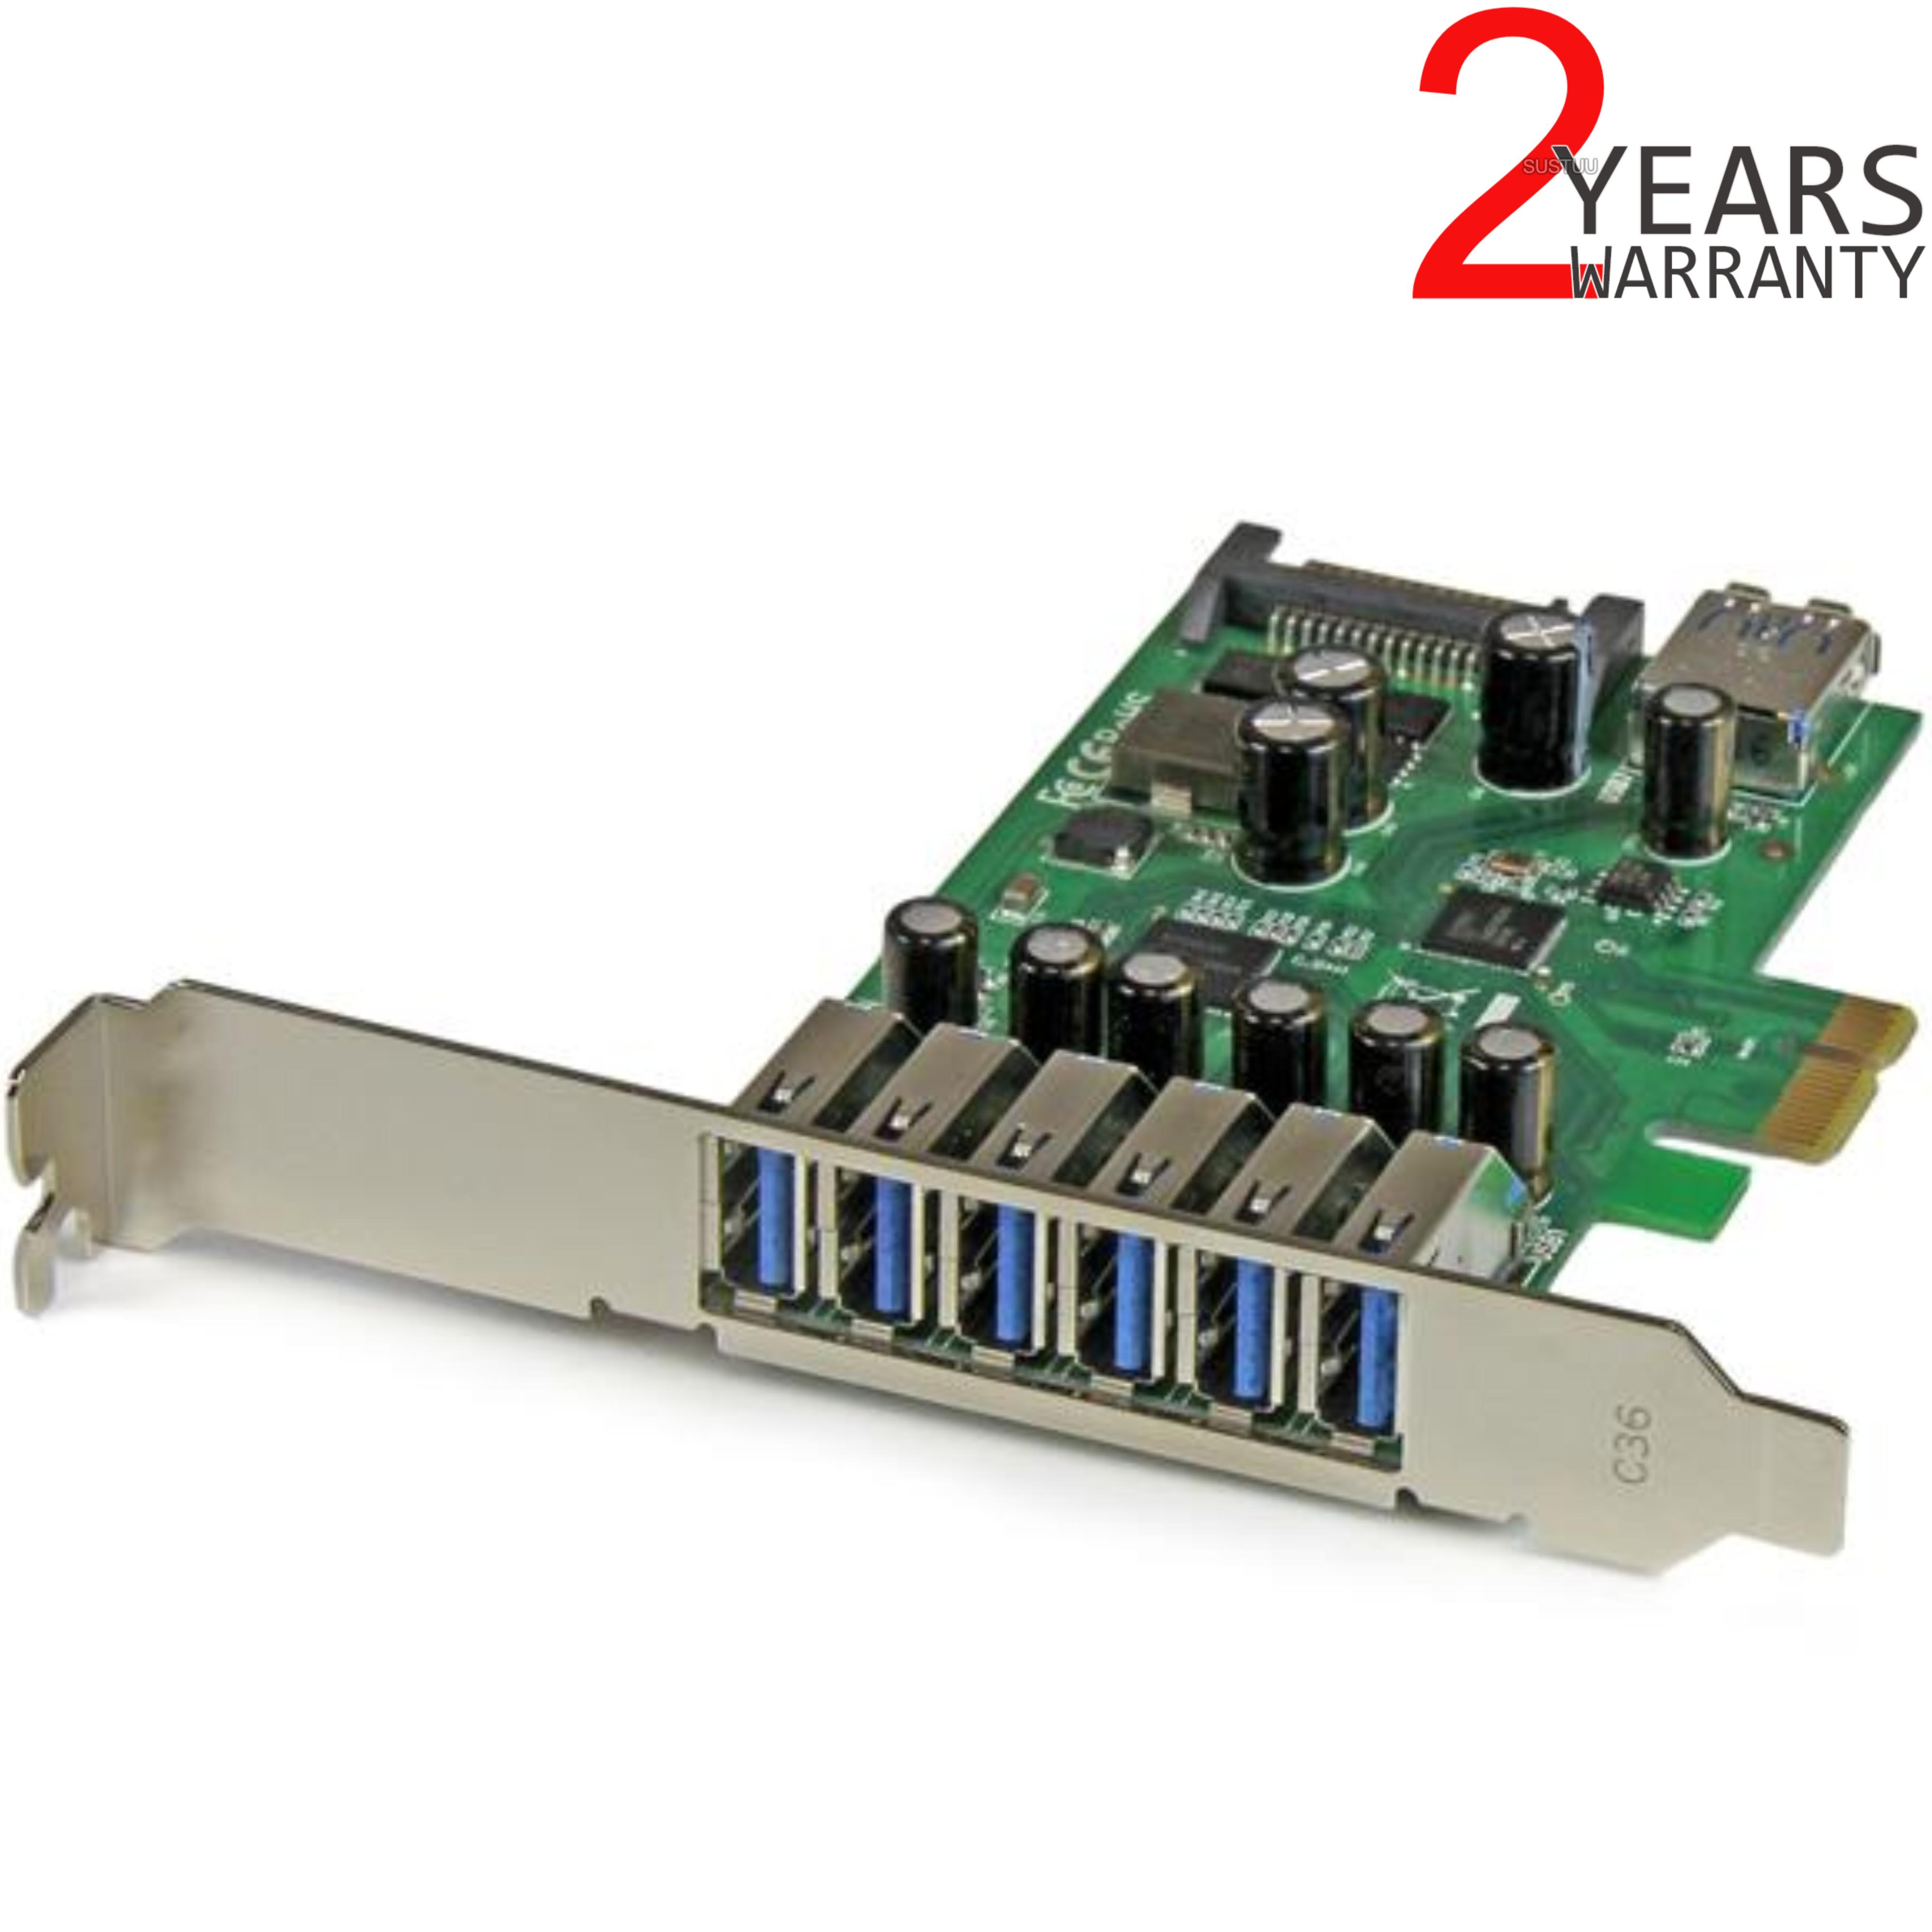 StarTech 7-Port PCI Express USB 3.0 Card | 6 External-1 Internal | Smartphone-Tablet-HDDs